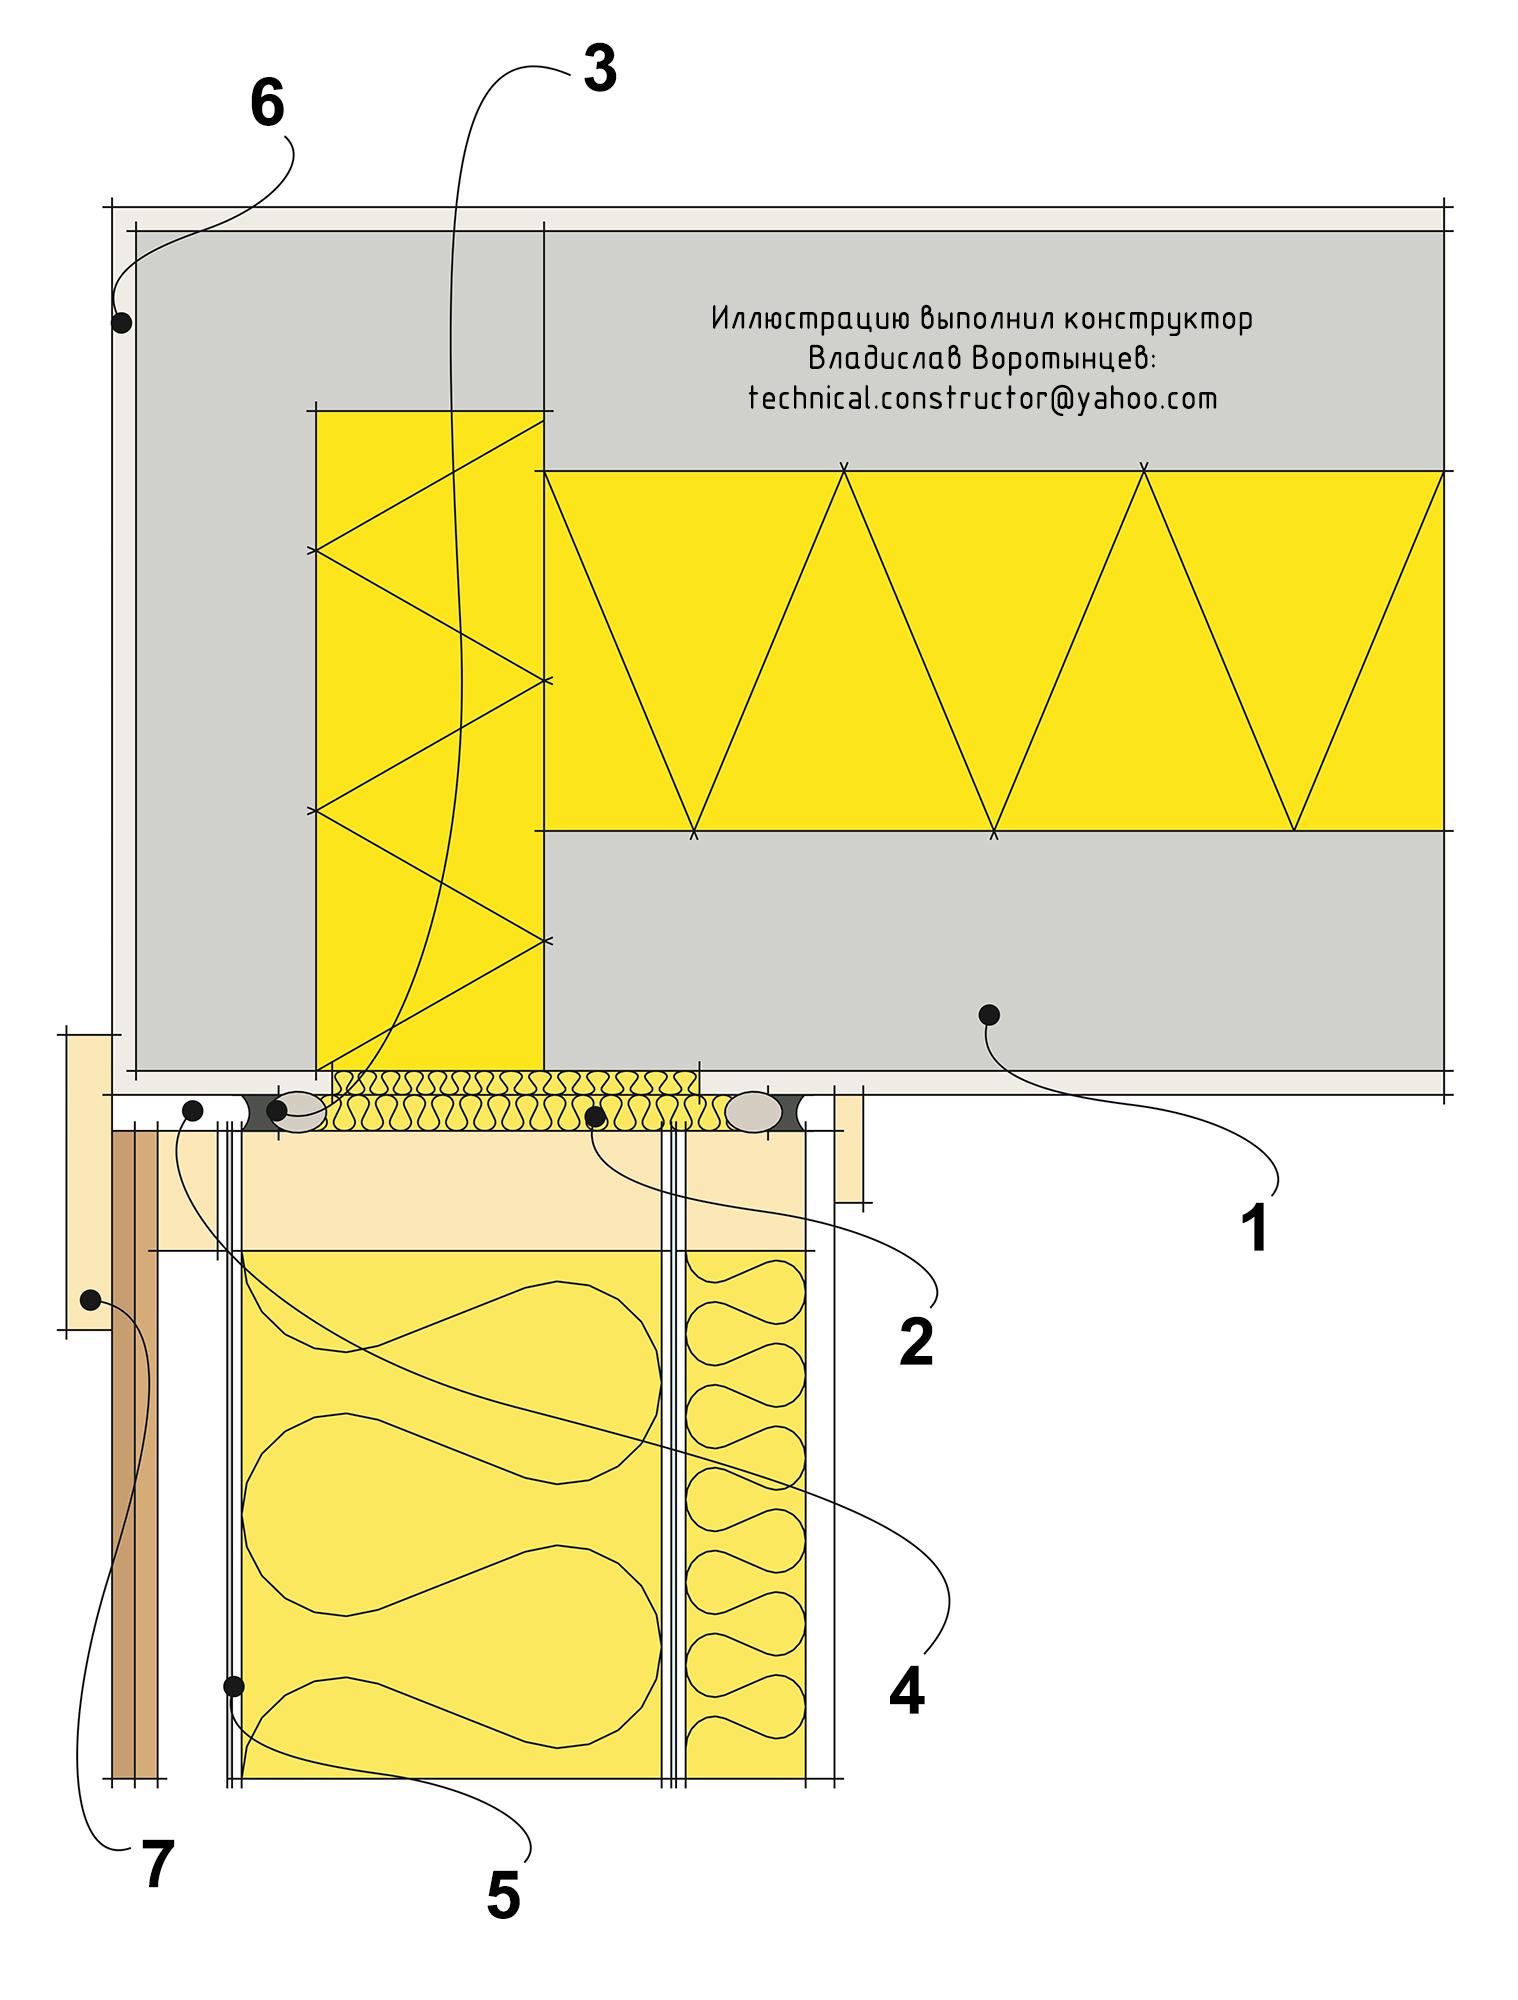 Двухэтапная герметизация стыка деревянной каркасной стены со стеной из утеплённых керамзитобетонных блоков